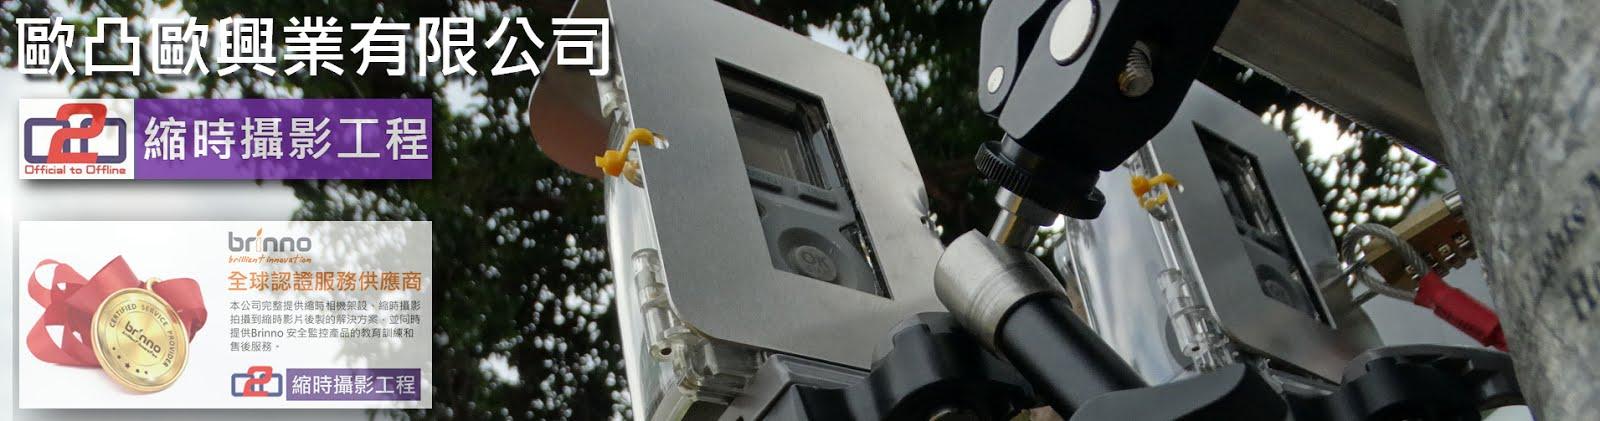 歐凸歐興業有限公司   O2O縮時攝影工程